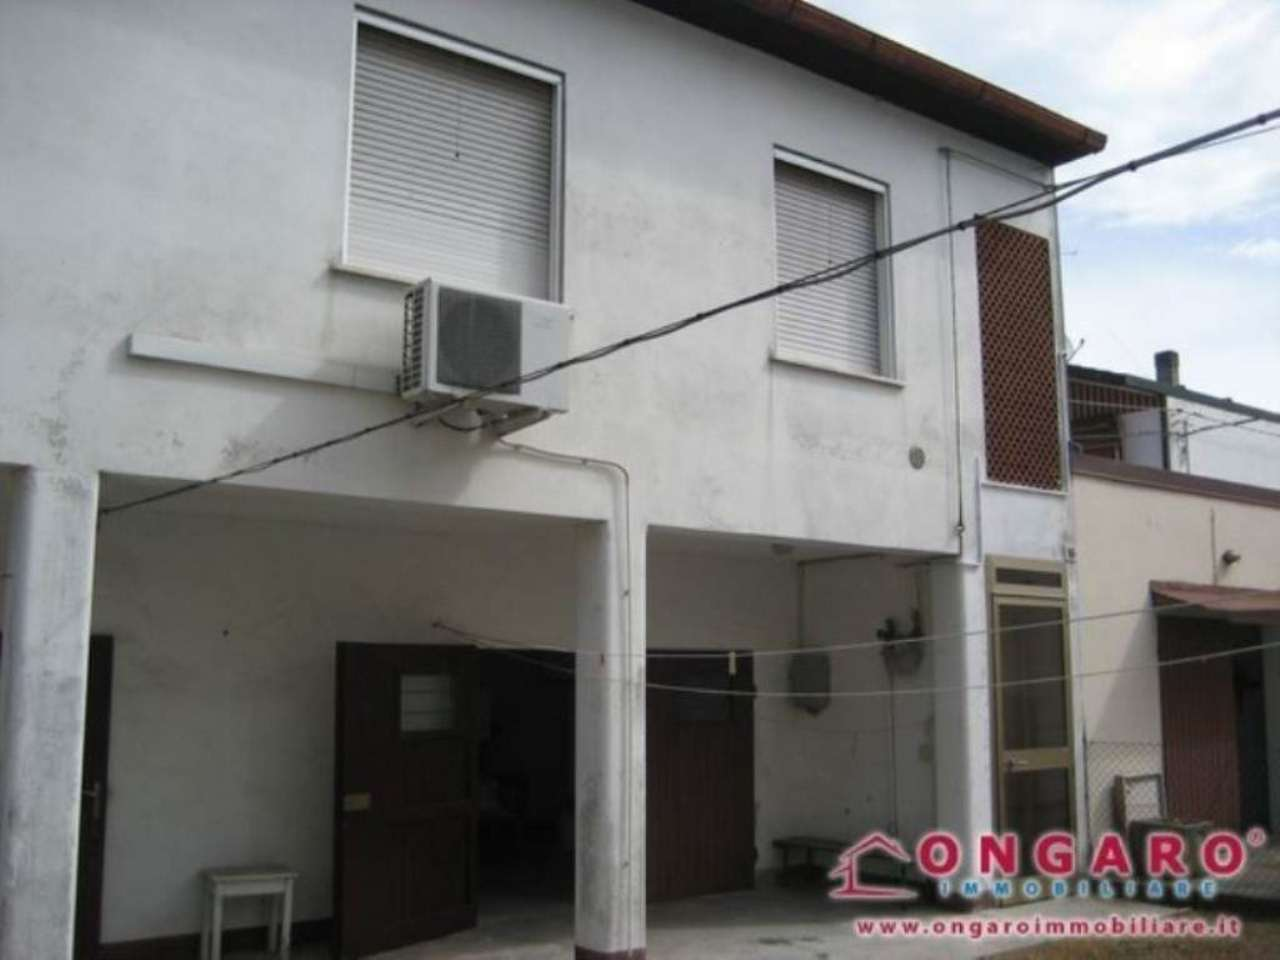 Soluzione Indipendente in vendita a Copparo, 3 locali, prezzo € 65.000 | Cambio Casa.it